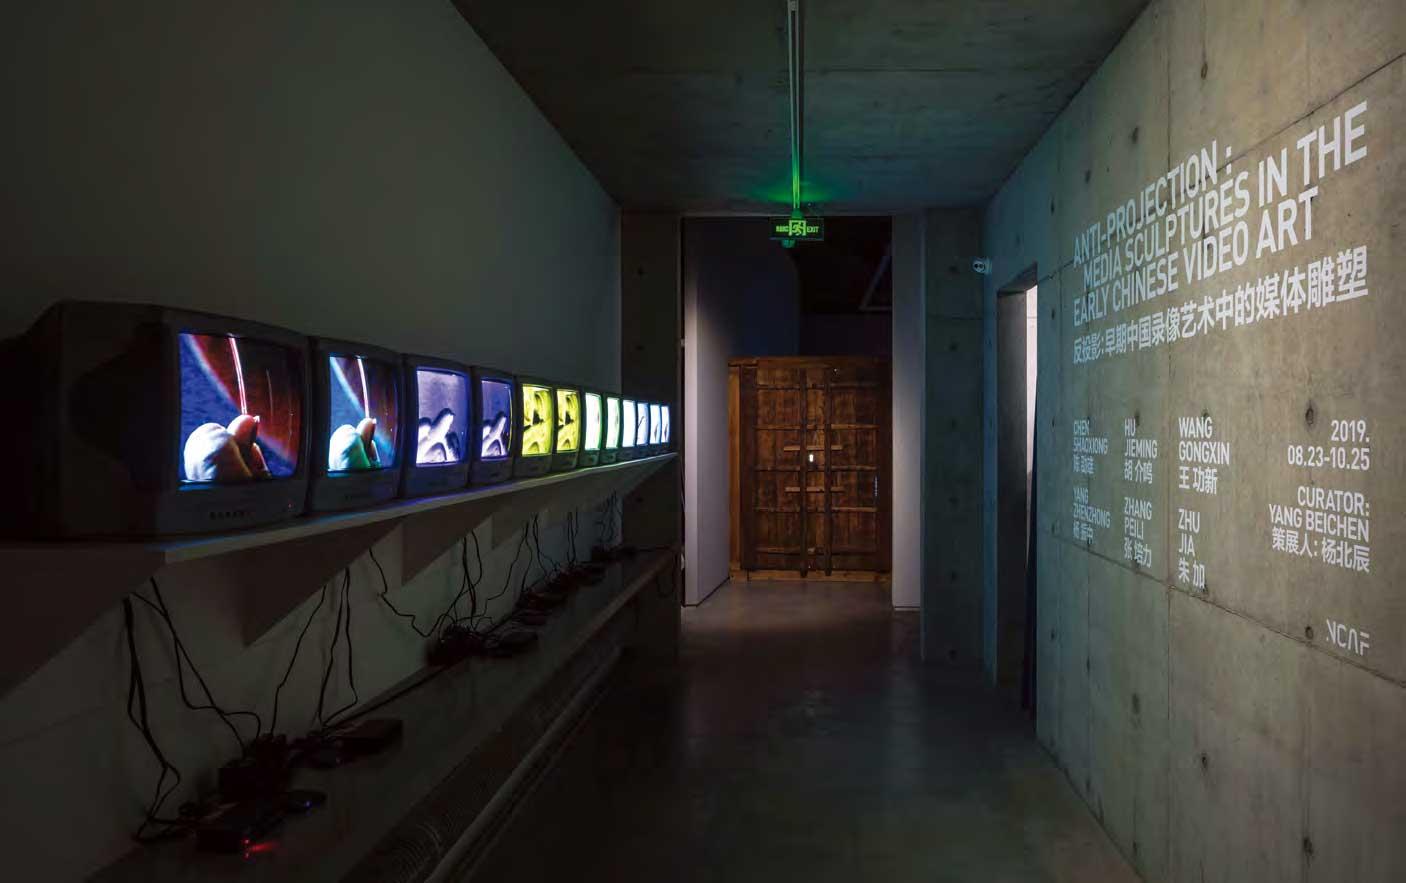 장페이리 〈 과제 1번 〉(사진 왼쪽), 12개 모니터에 6채널 비디오 설치 13~14분 1992 후제밍 〈 집? 〉(사진 가운데) 비디오 설치: 목제 문, 모니터, 전구, 1998